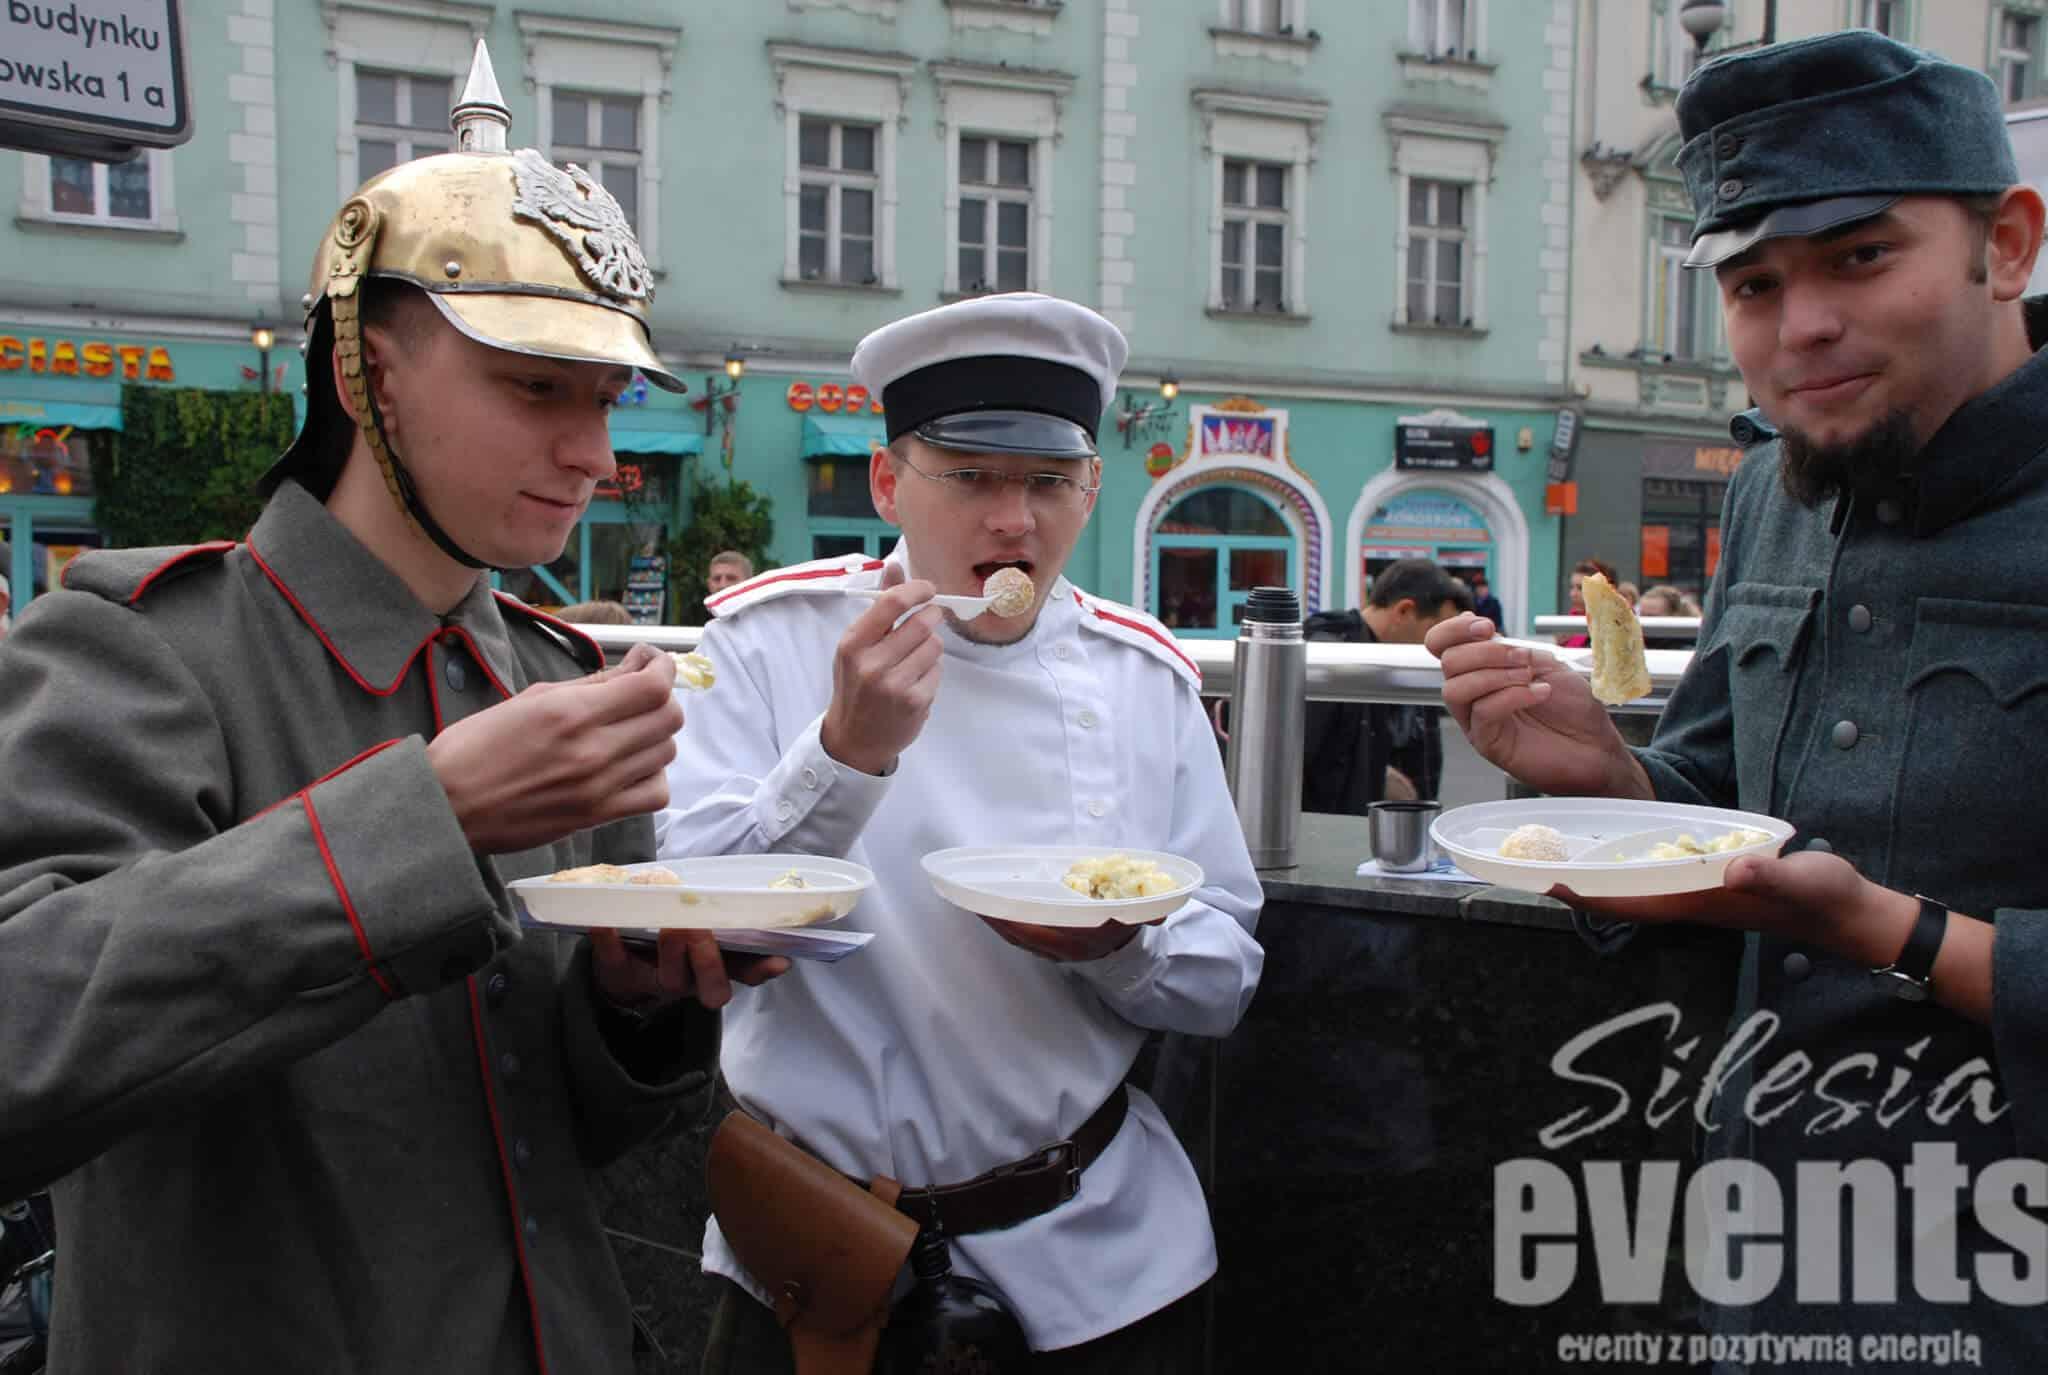 gra miejska Sosnowiec, gry miejskie Śląskie